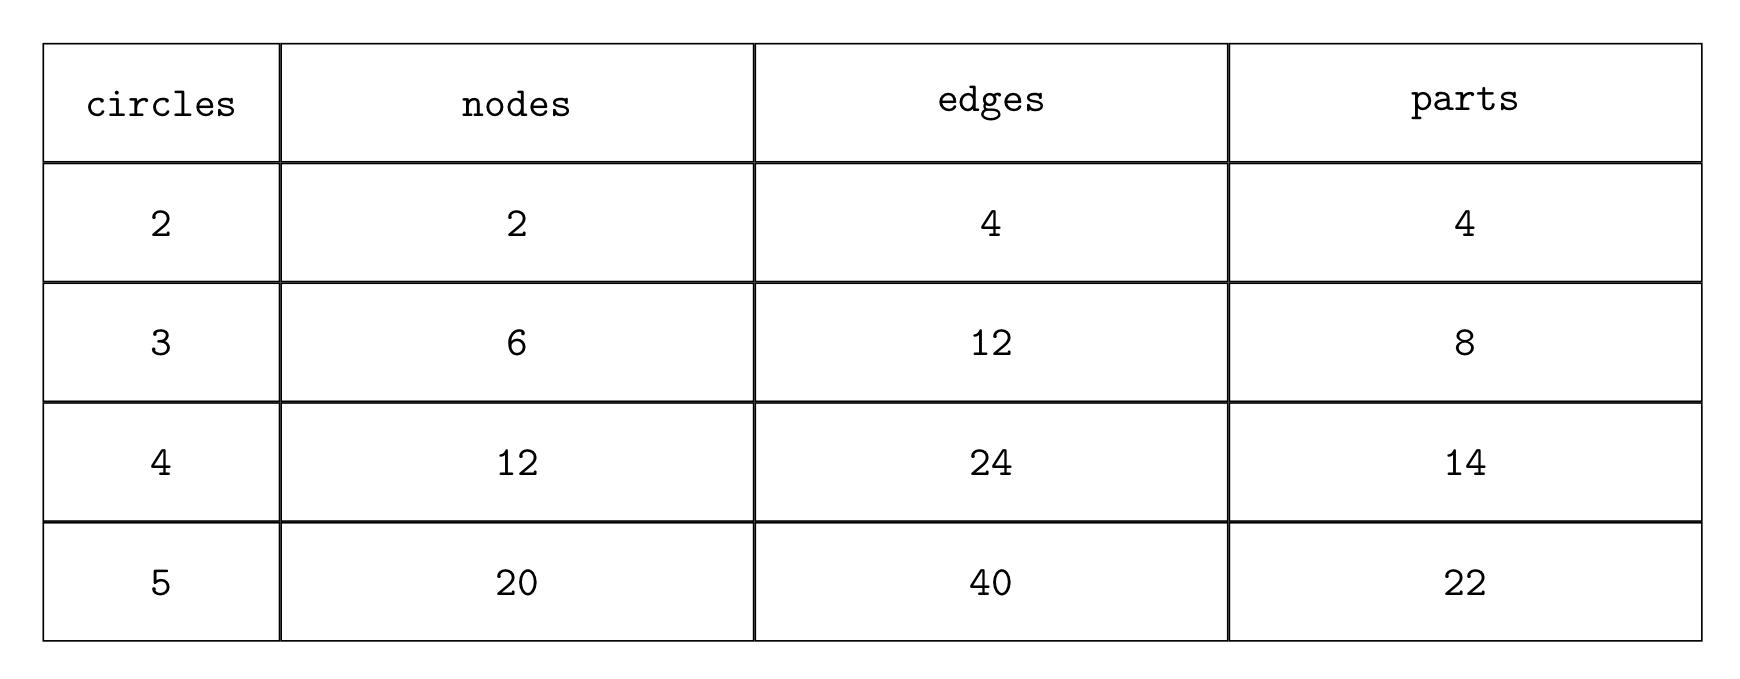 Circles-nodes-edges table